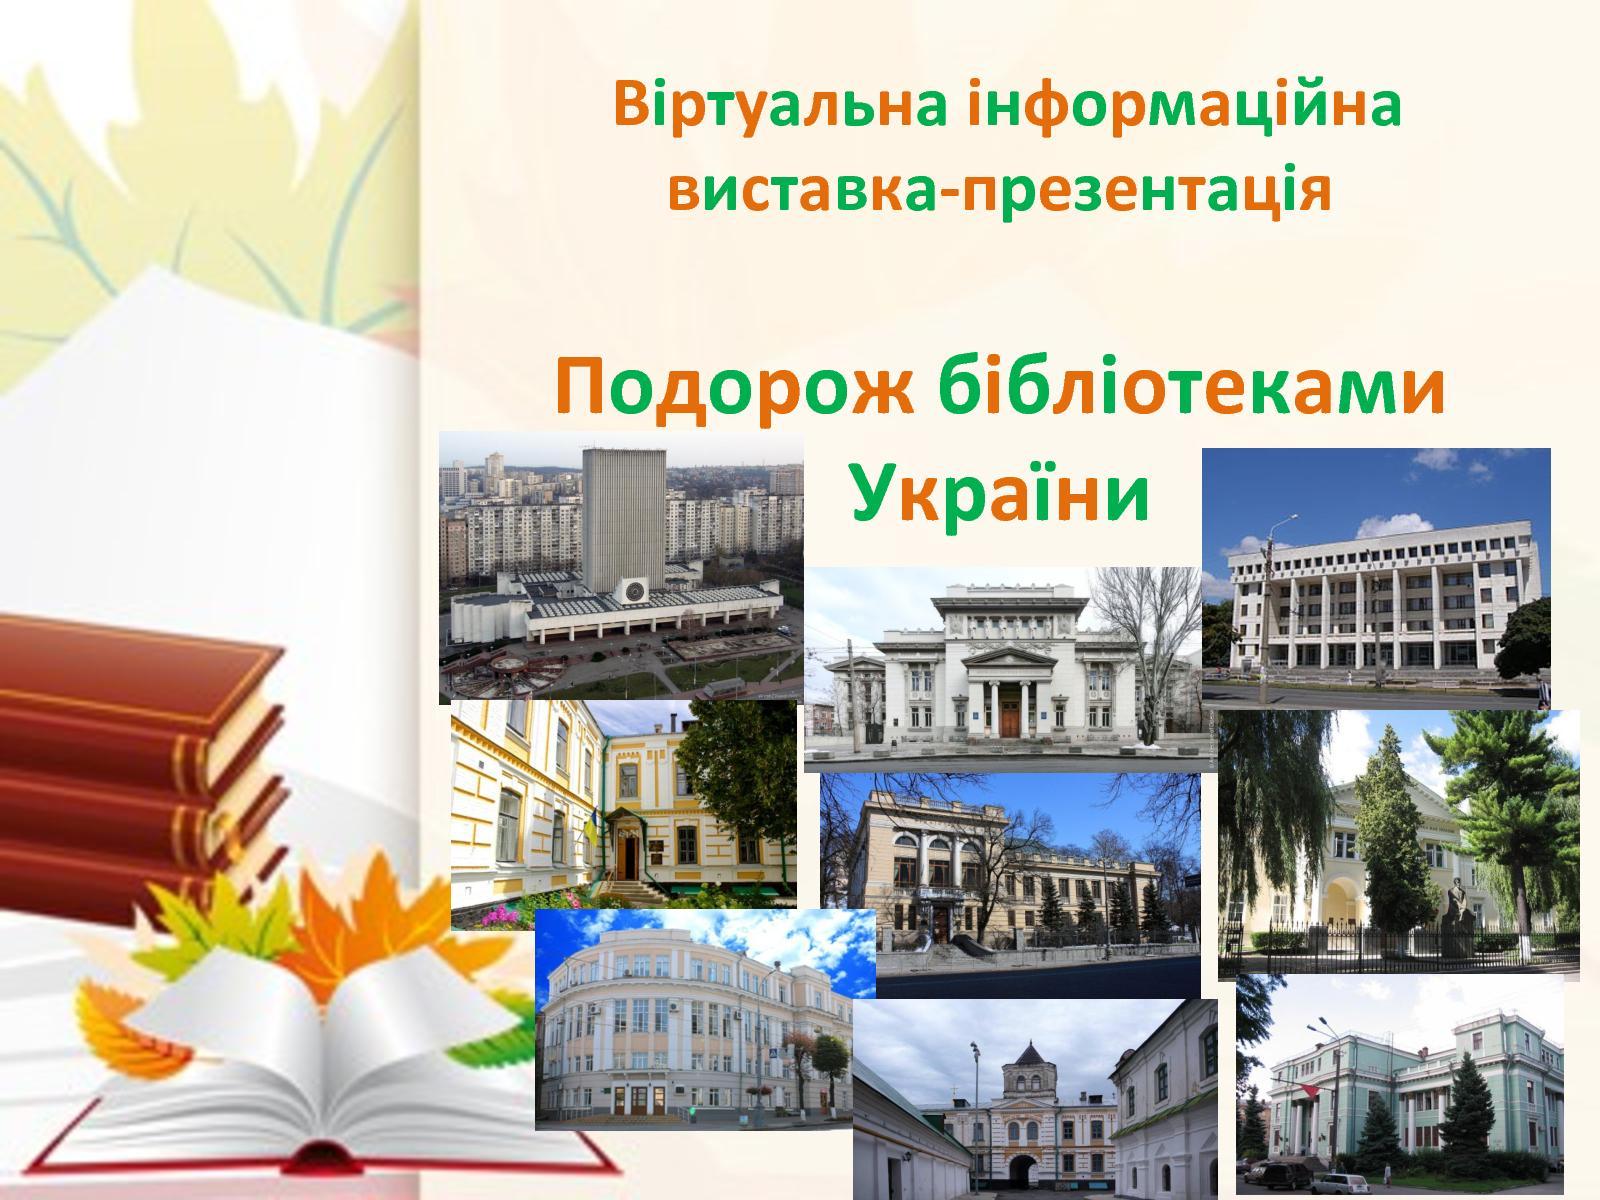 Подорож бібліотеками України